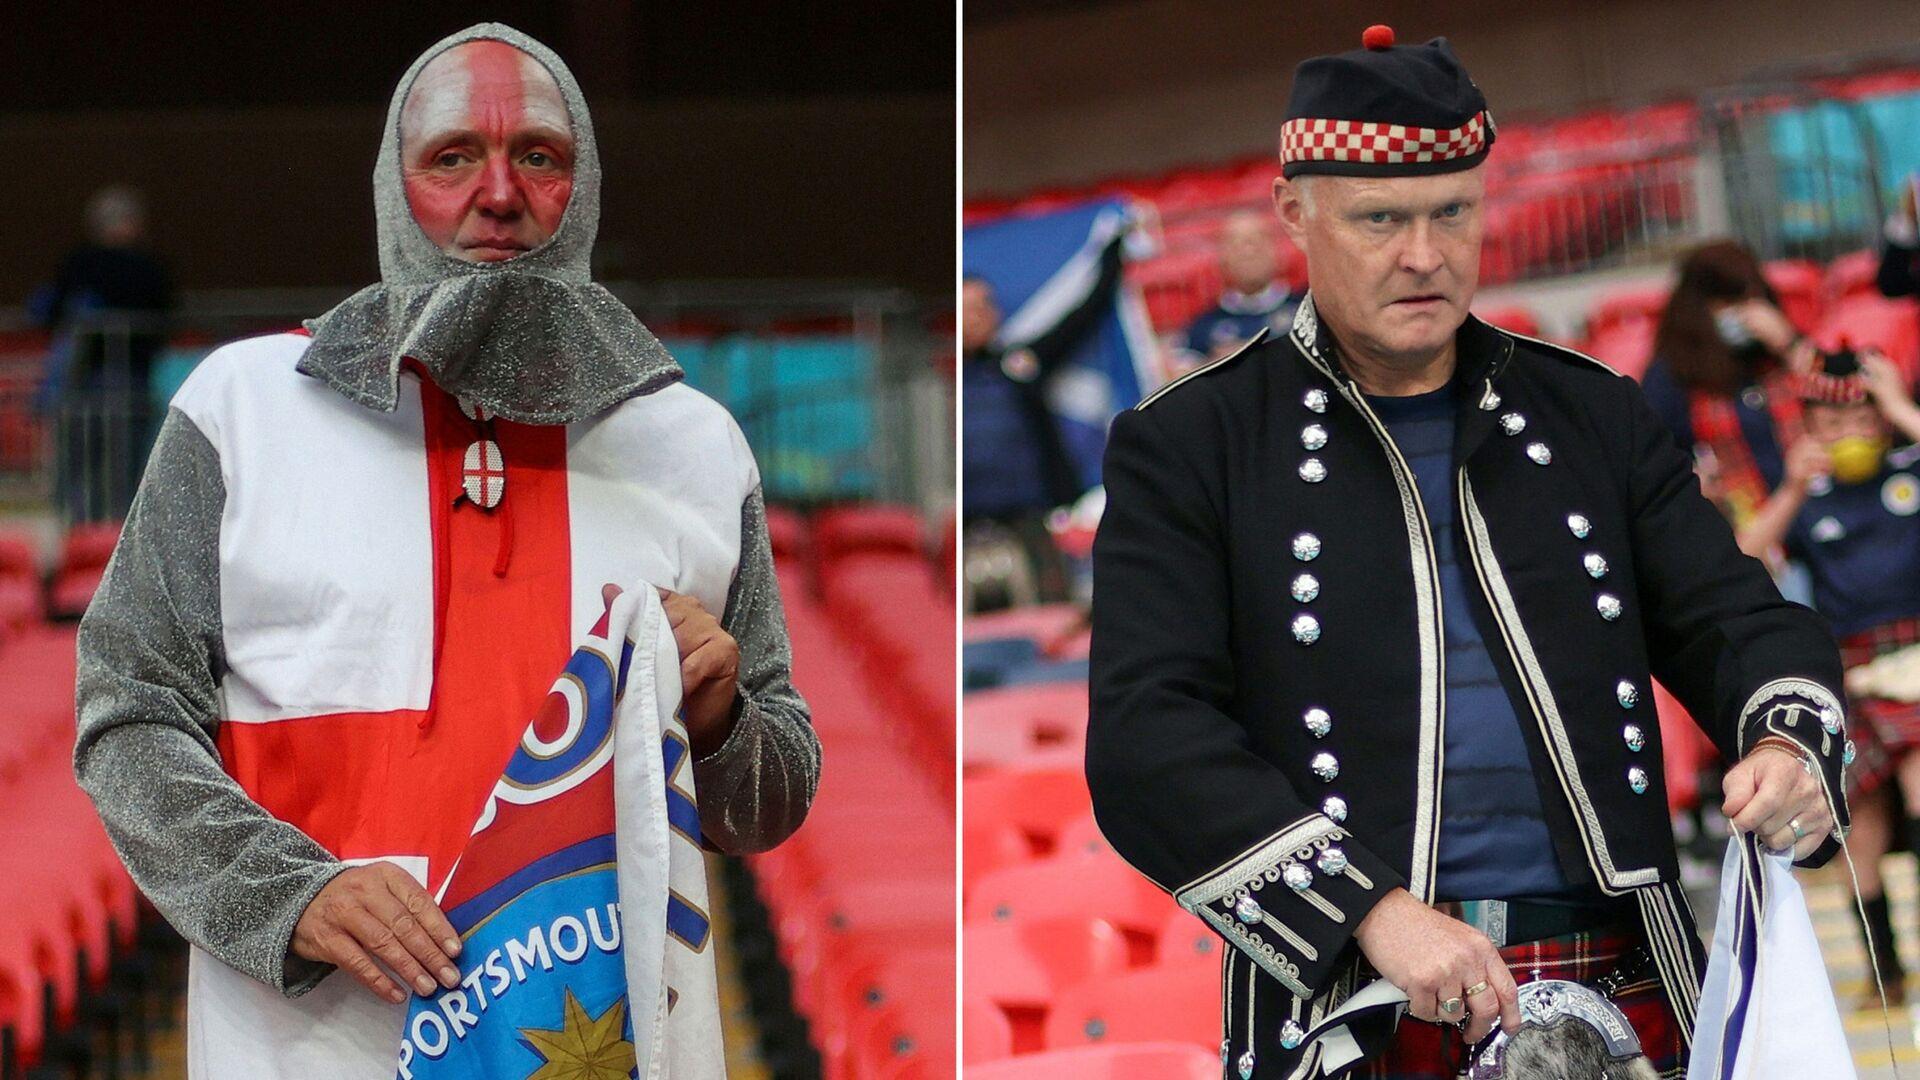 Болельщики из Англии (слева) и из Шотландии перед футбольным матчем ЕВРО-2020 между Англией и Шотландией в Лондоне - Sputnik Italia, 1920, 02.07.2021